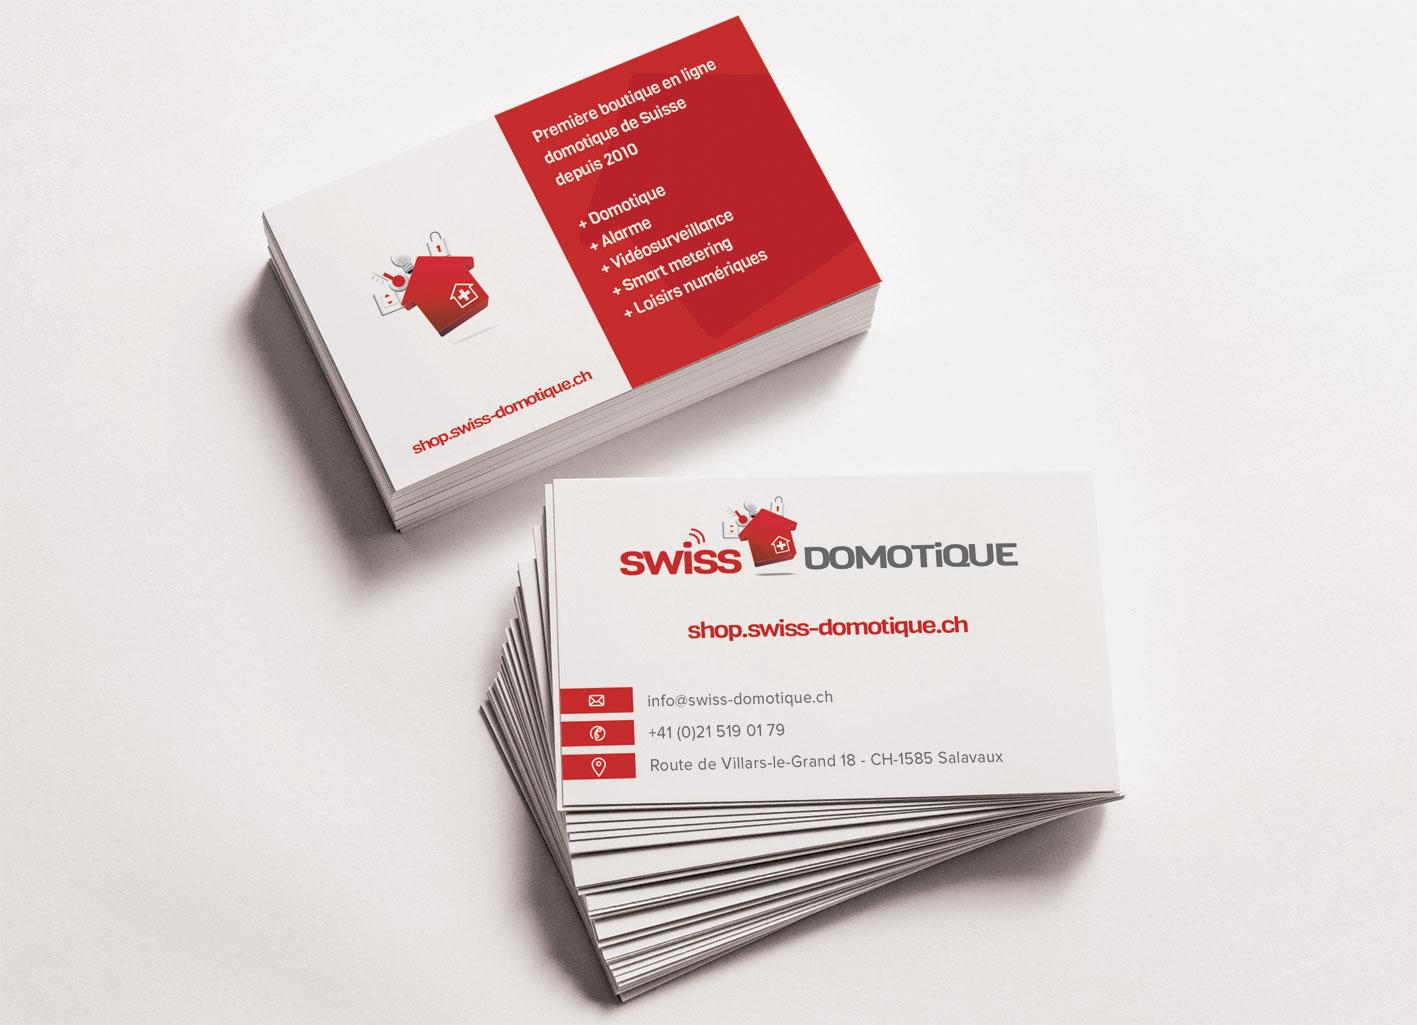 graphiste-grenoble-logo-cartes-de-visite-swiss-domotique